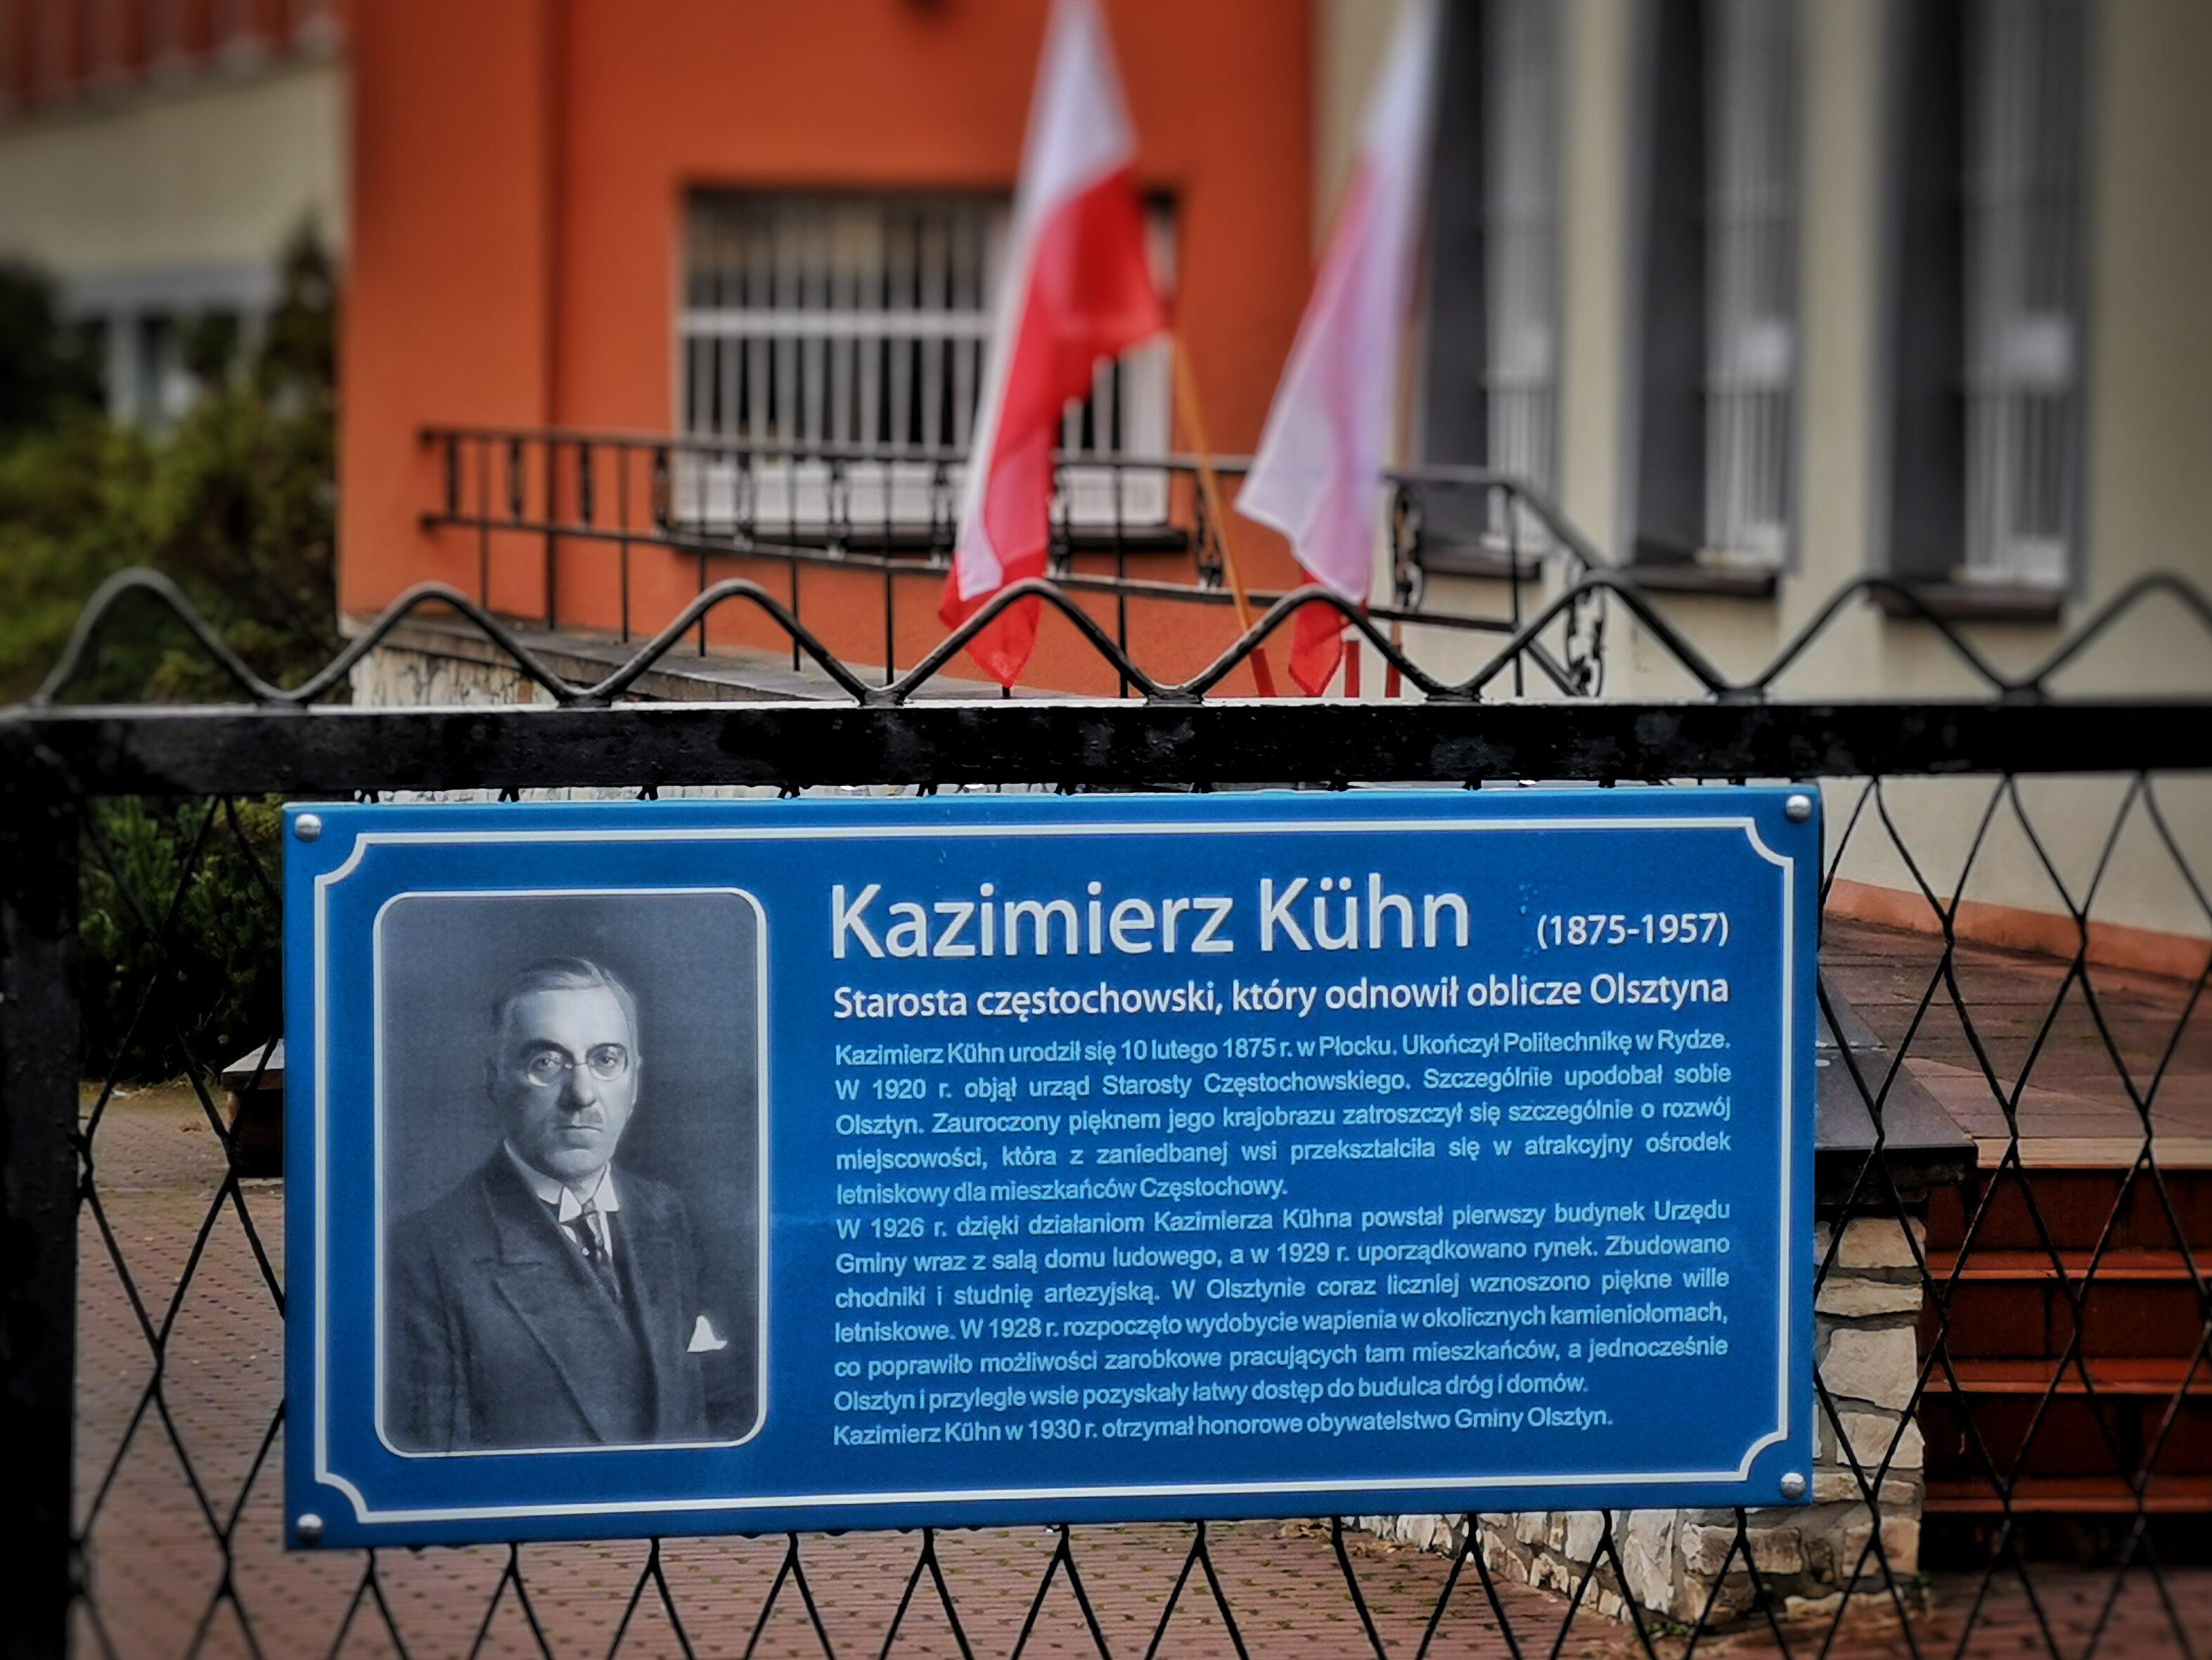 tablica z Kazimierzem Kuhnem